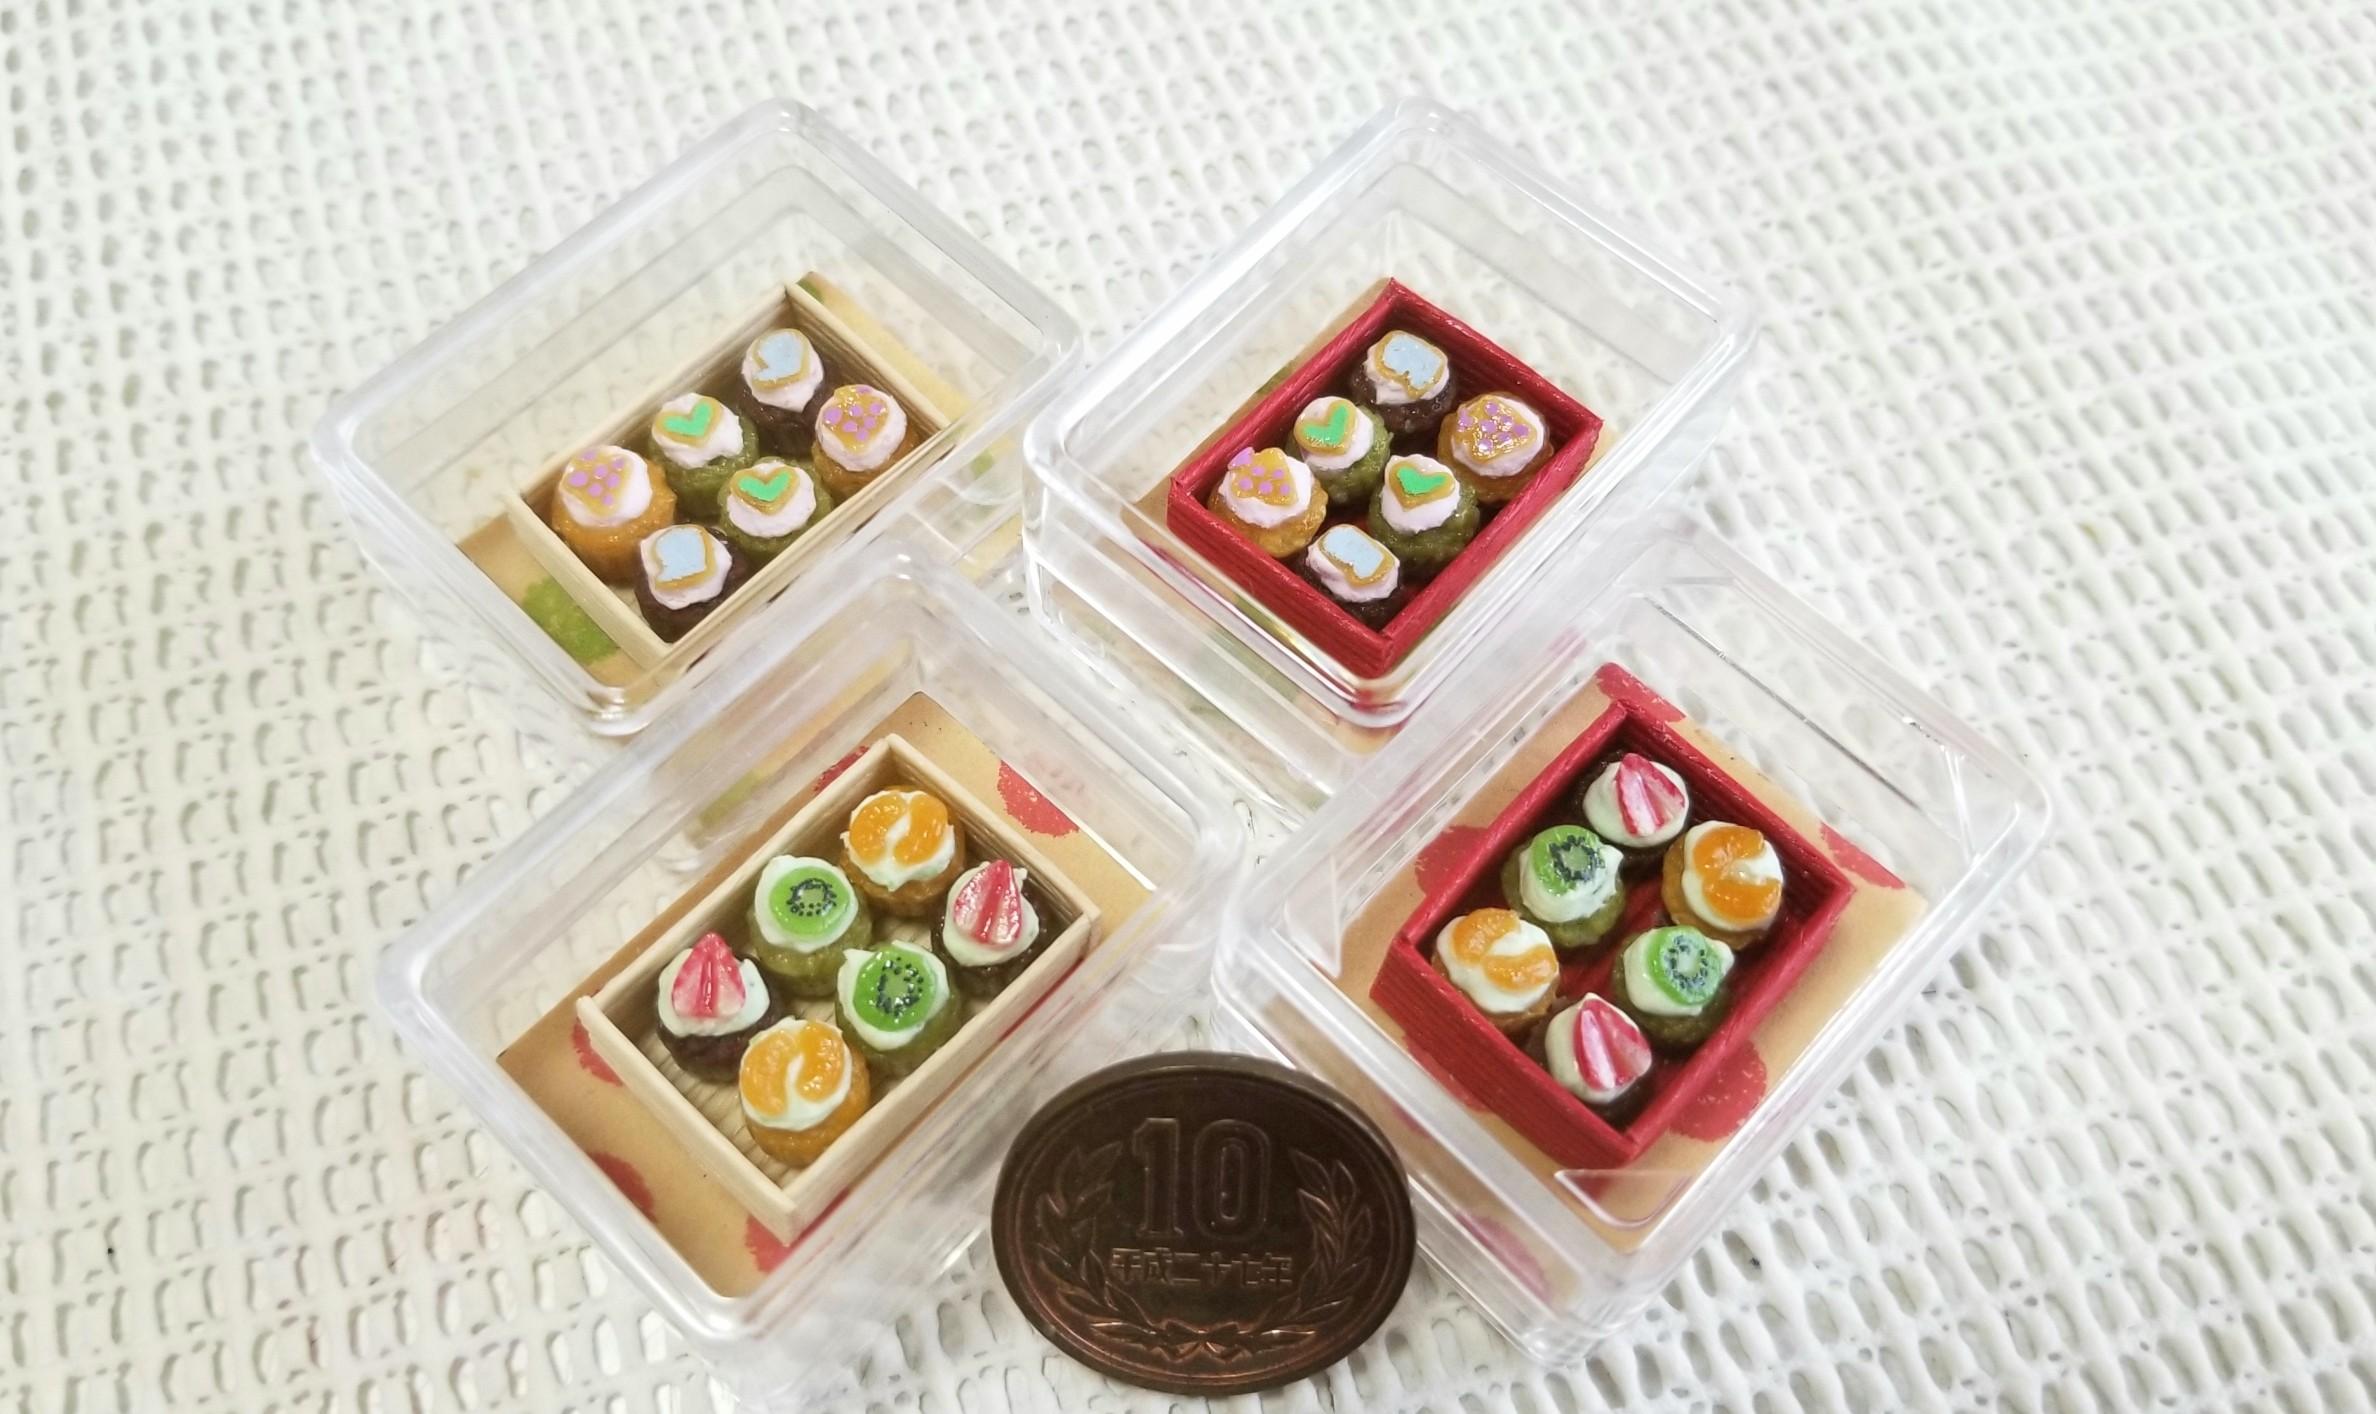 ミニチュアフード, ミニカップケーキ, 樹脂粘土, 食品サンプル